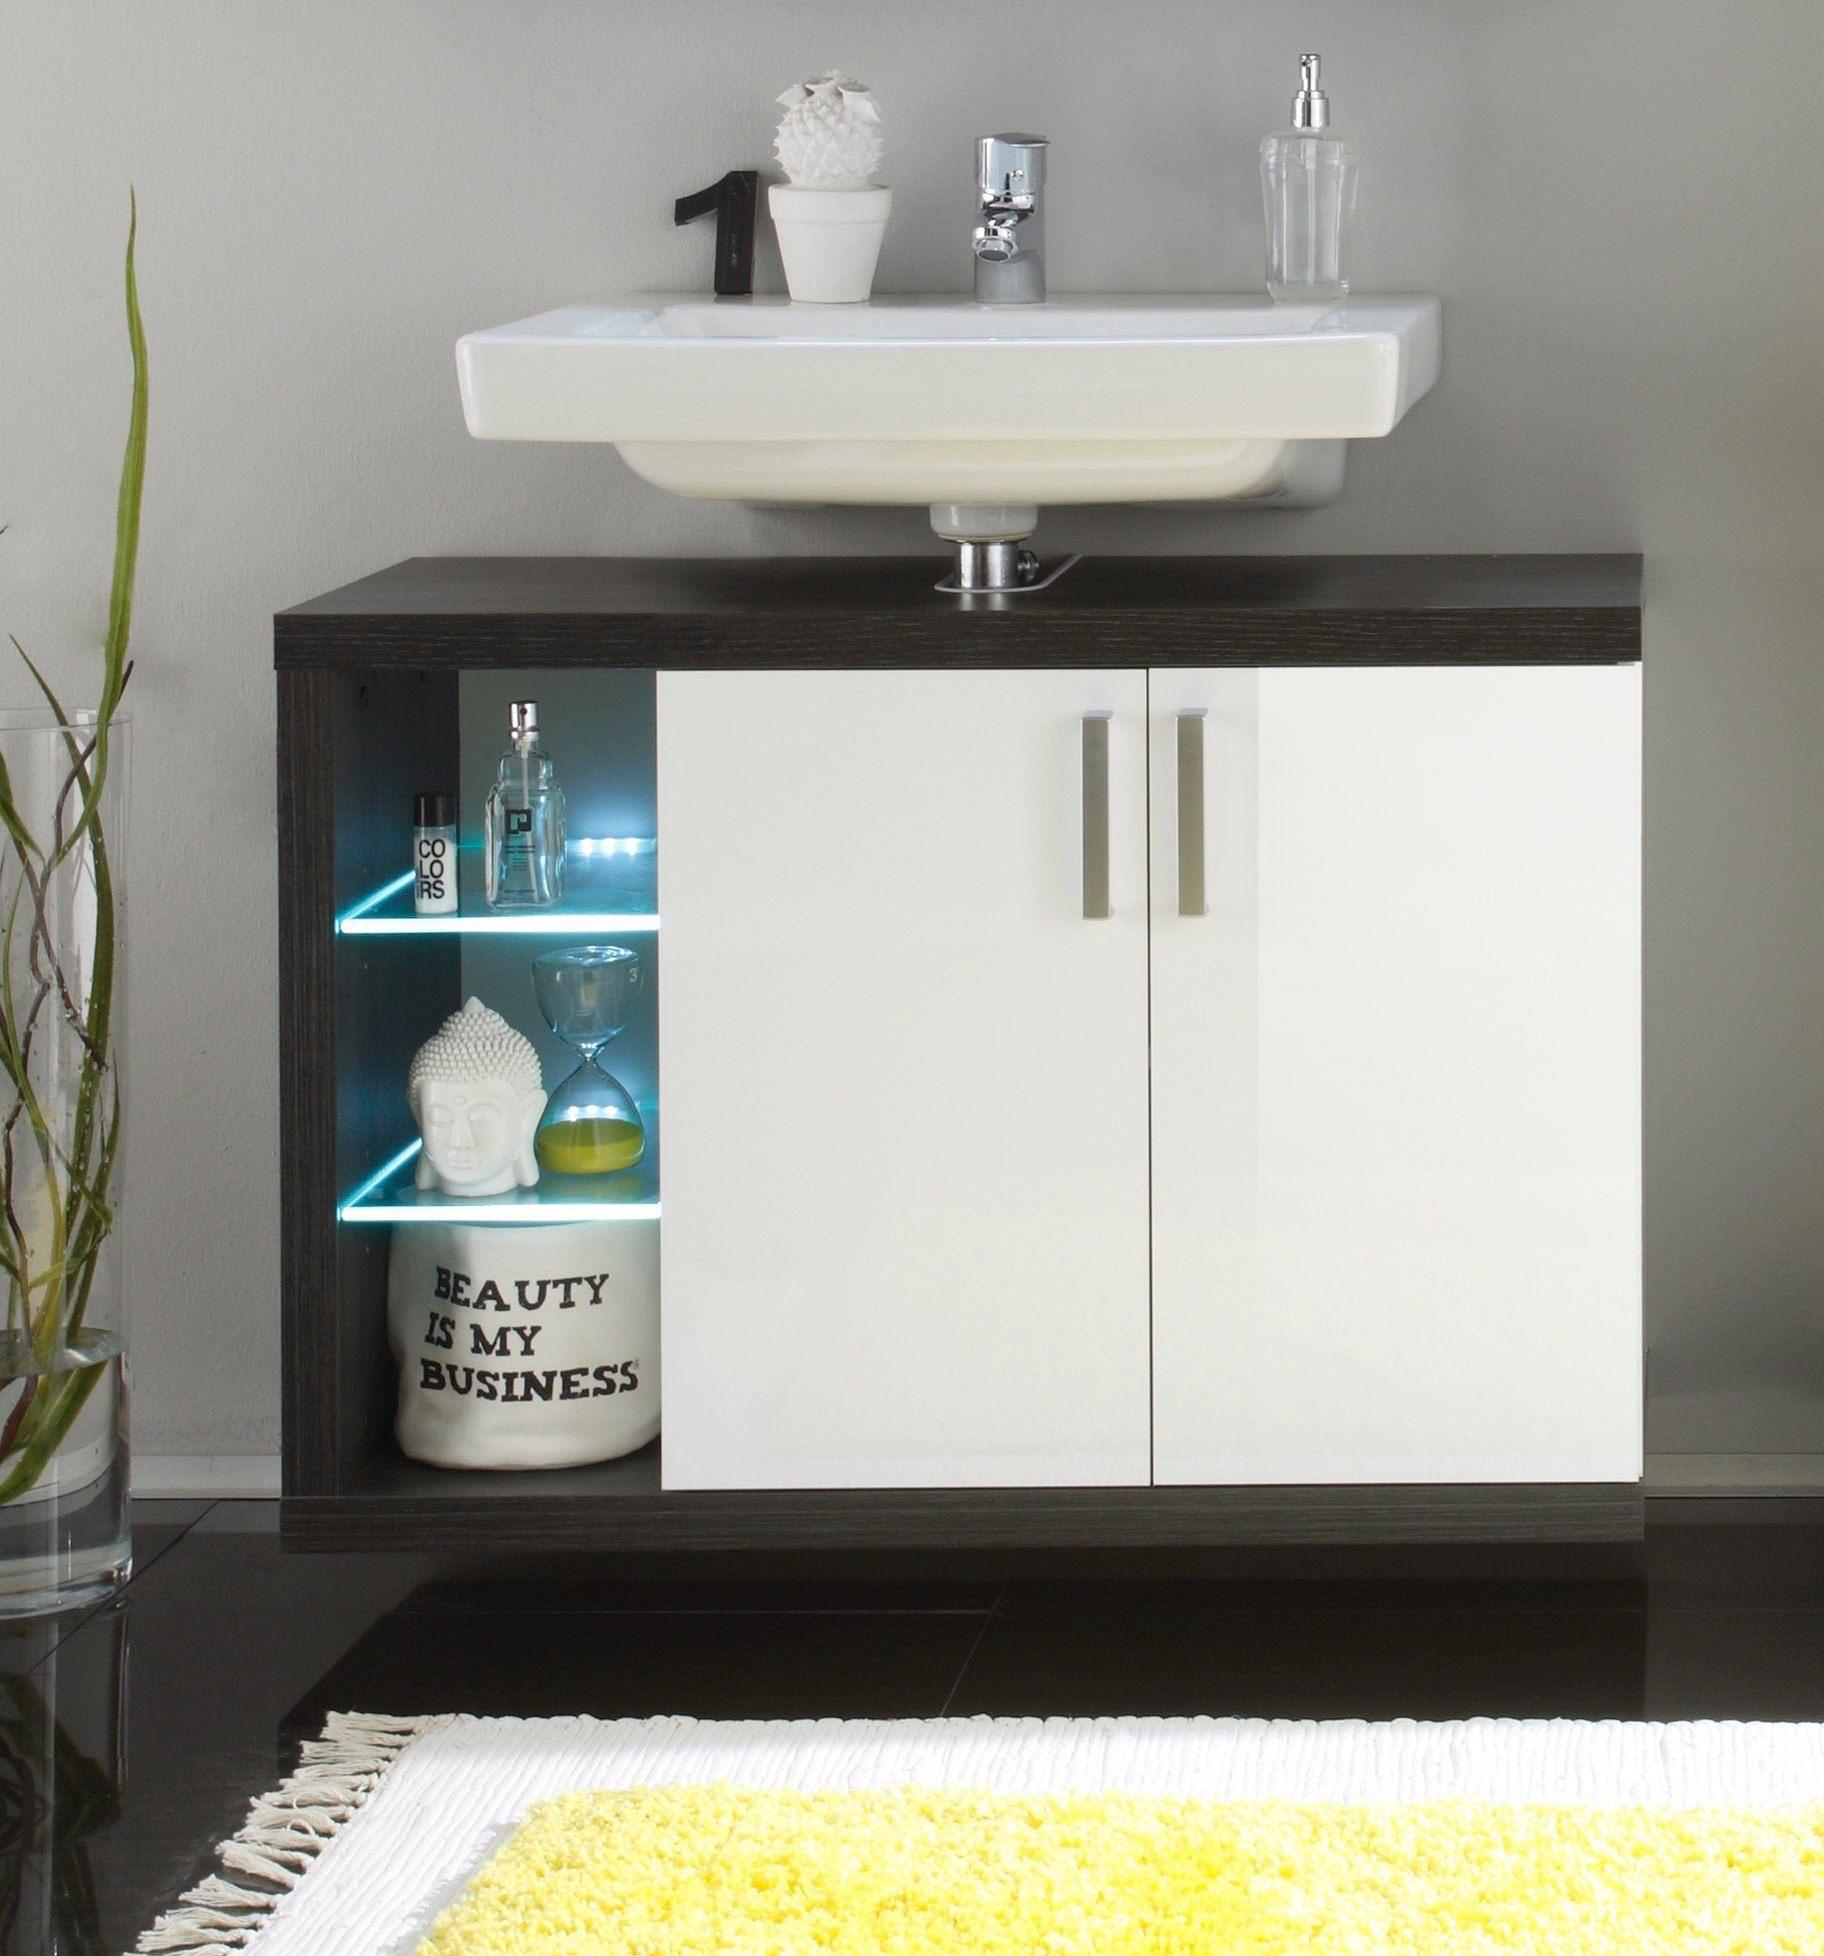 Meuble Salle De Bain Double Vasque Ikea Beau Images Meuble sous Vasque Ikea Magnifique Résultat Supérieur 50 Beau Vasque